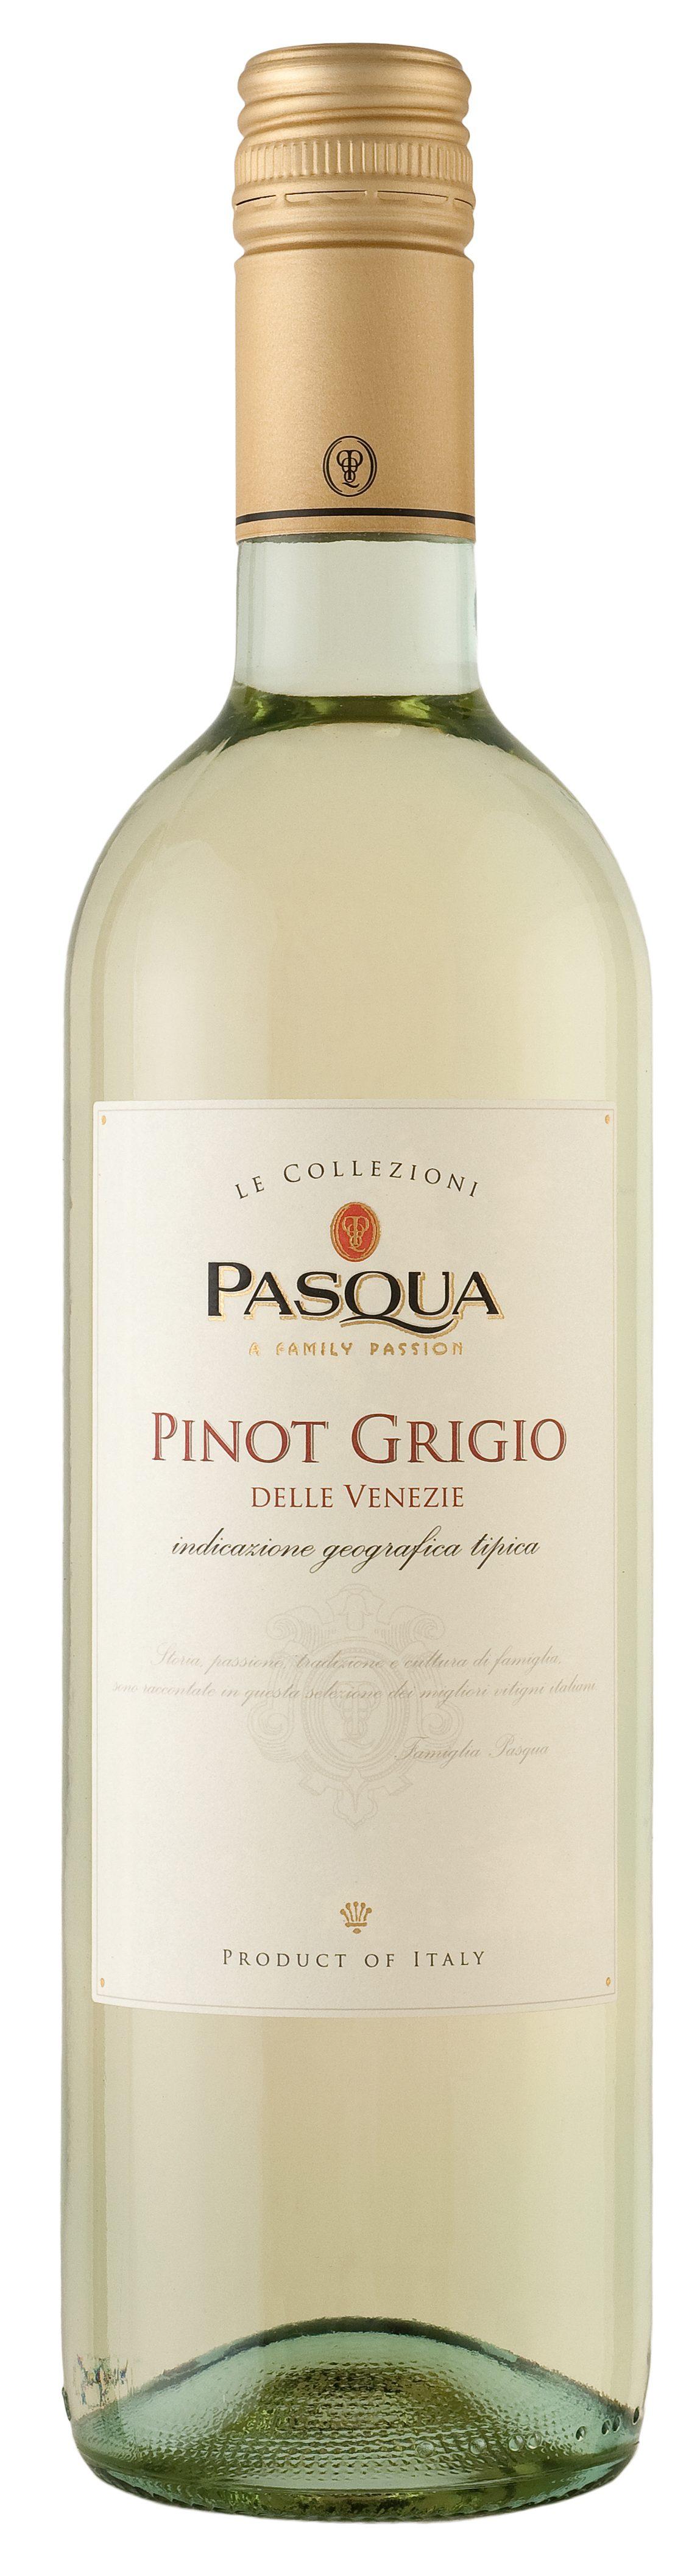 Pasqua Le Collezioni, Pinot Grigio